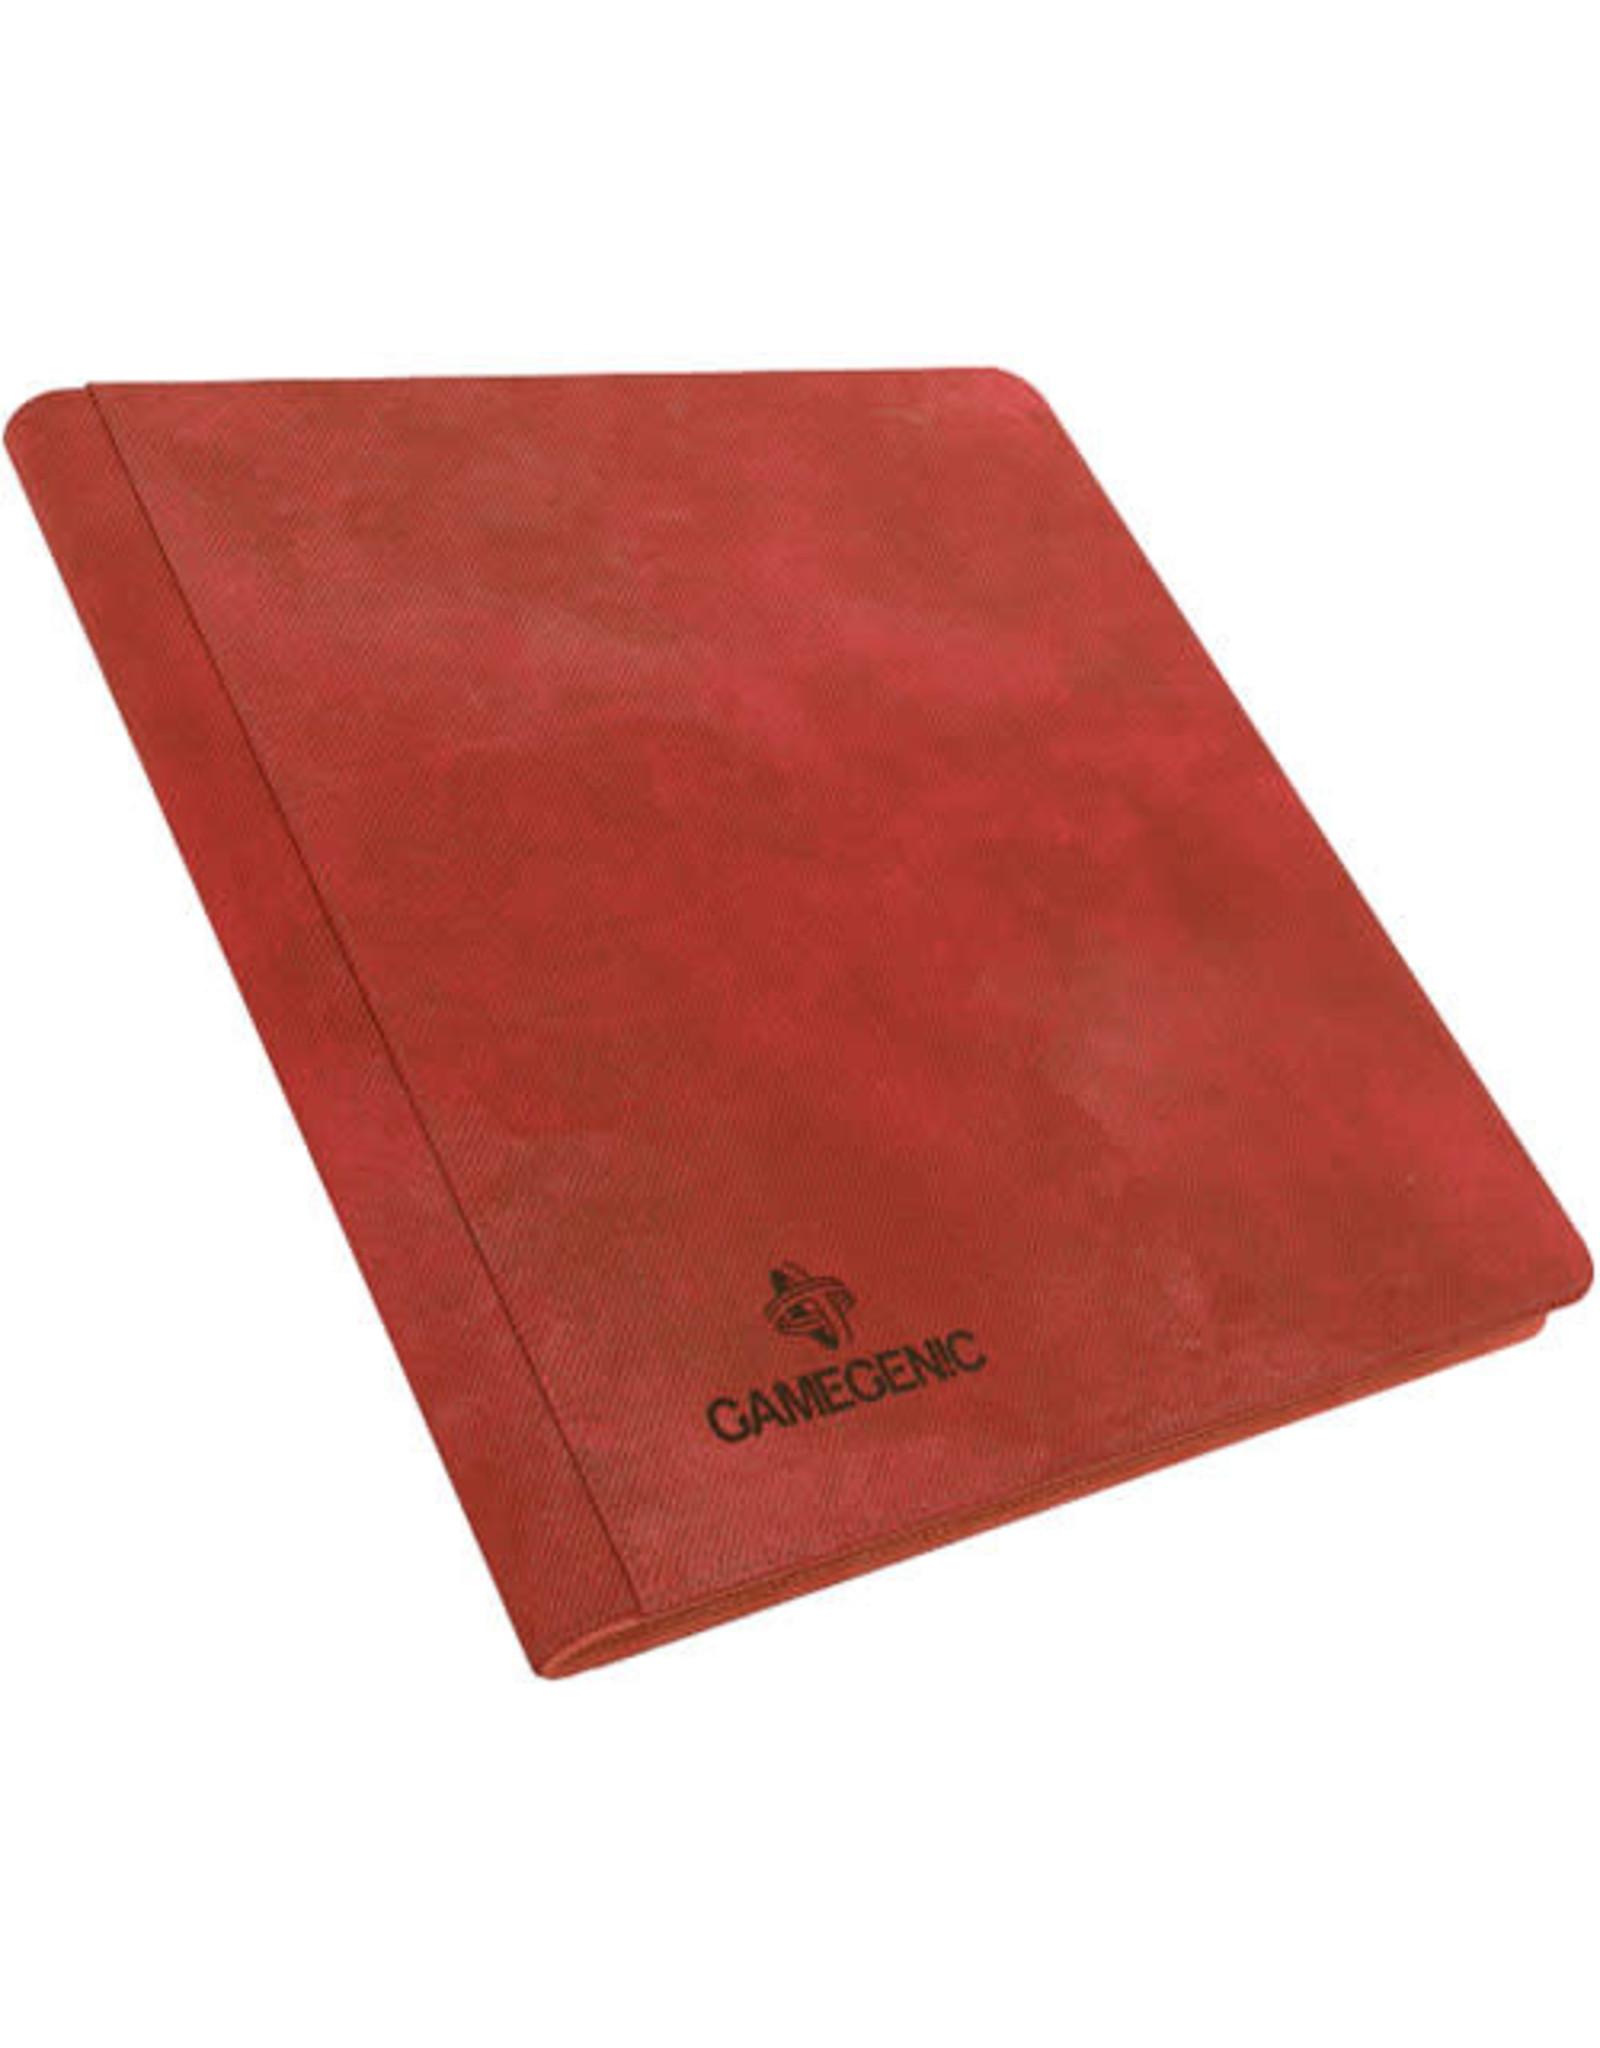 Gamegenic Zip-up Album 24-Pocket Red